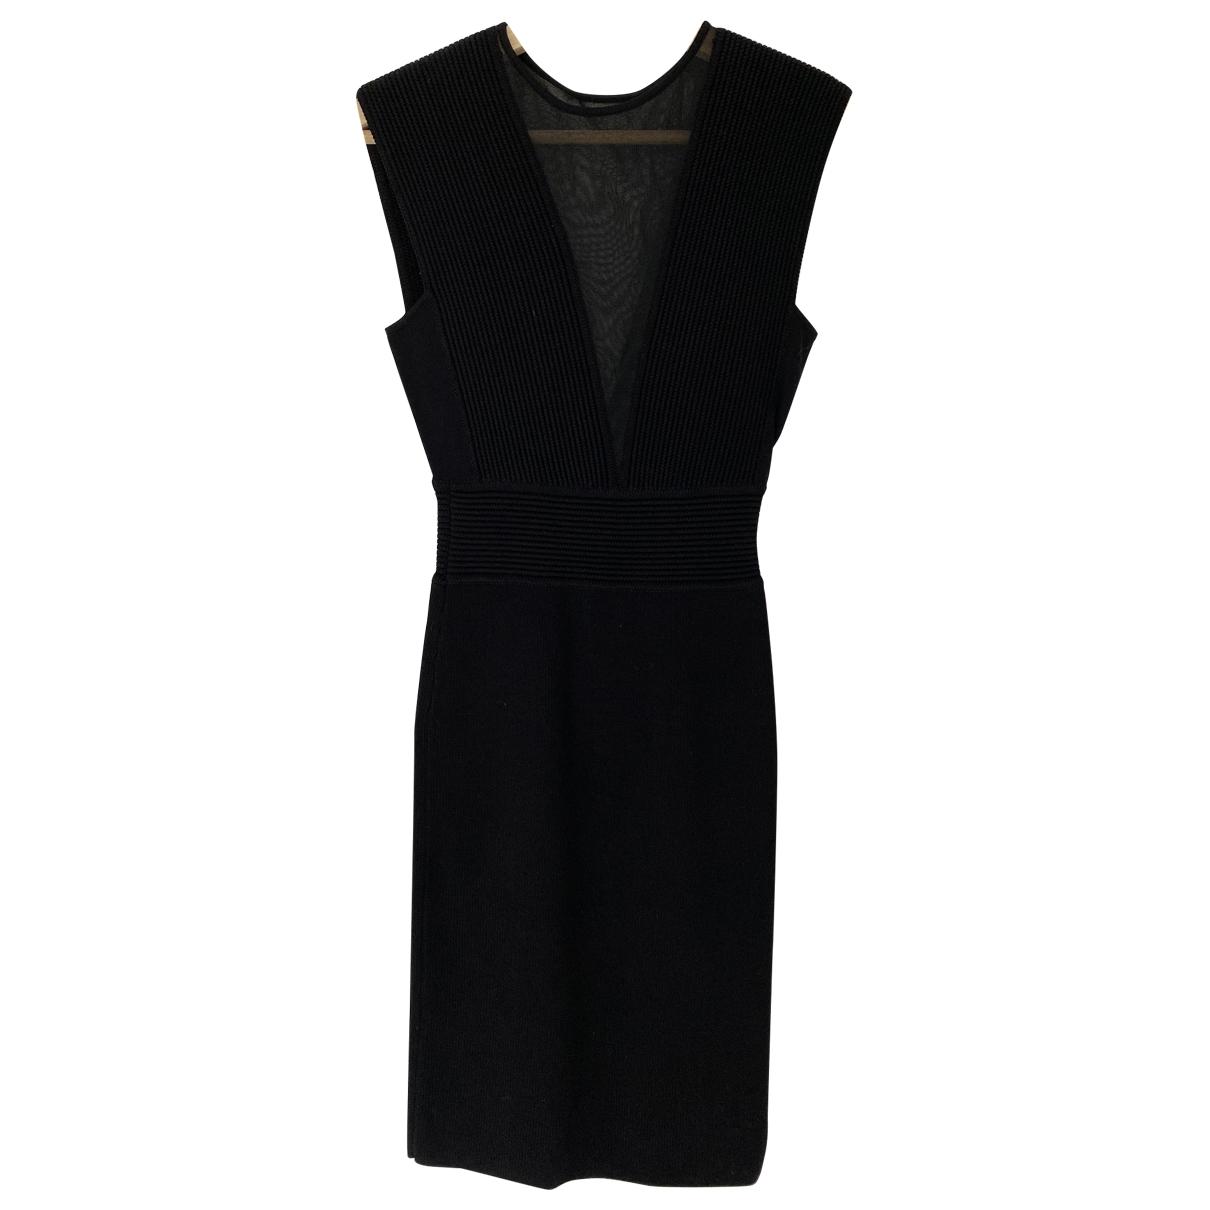 Reiss \N Black dress for Women 4 UK